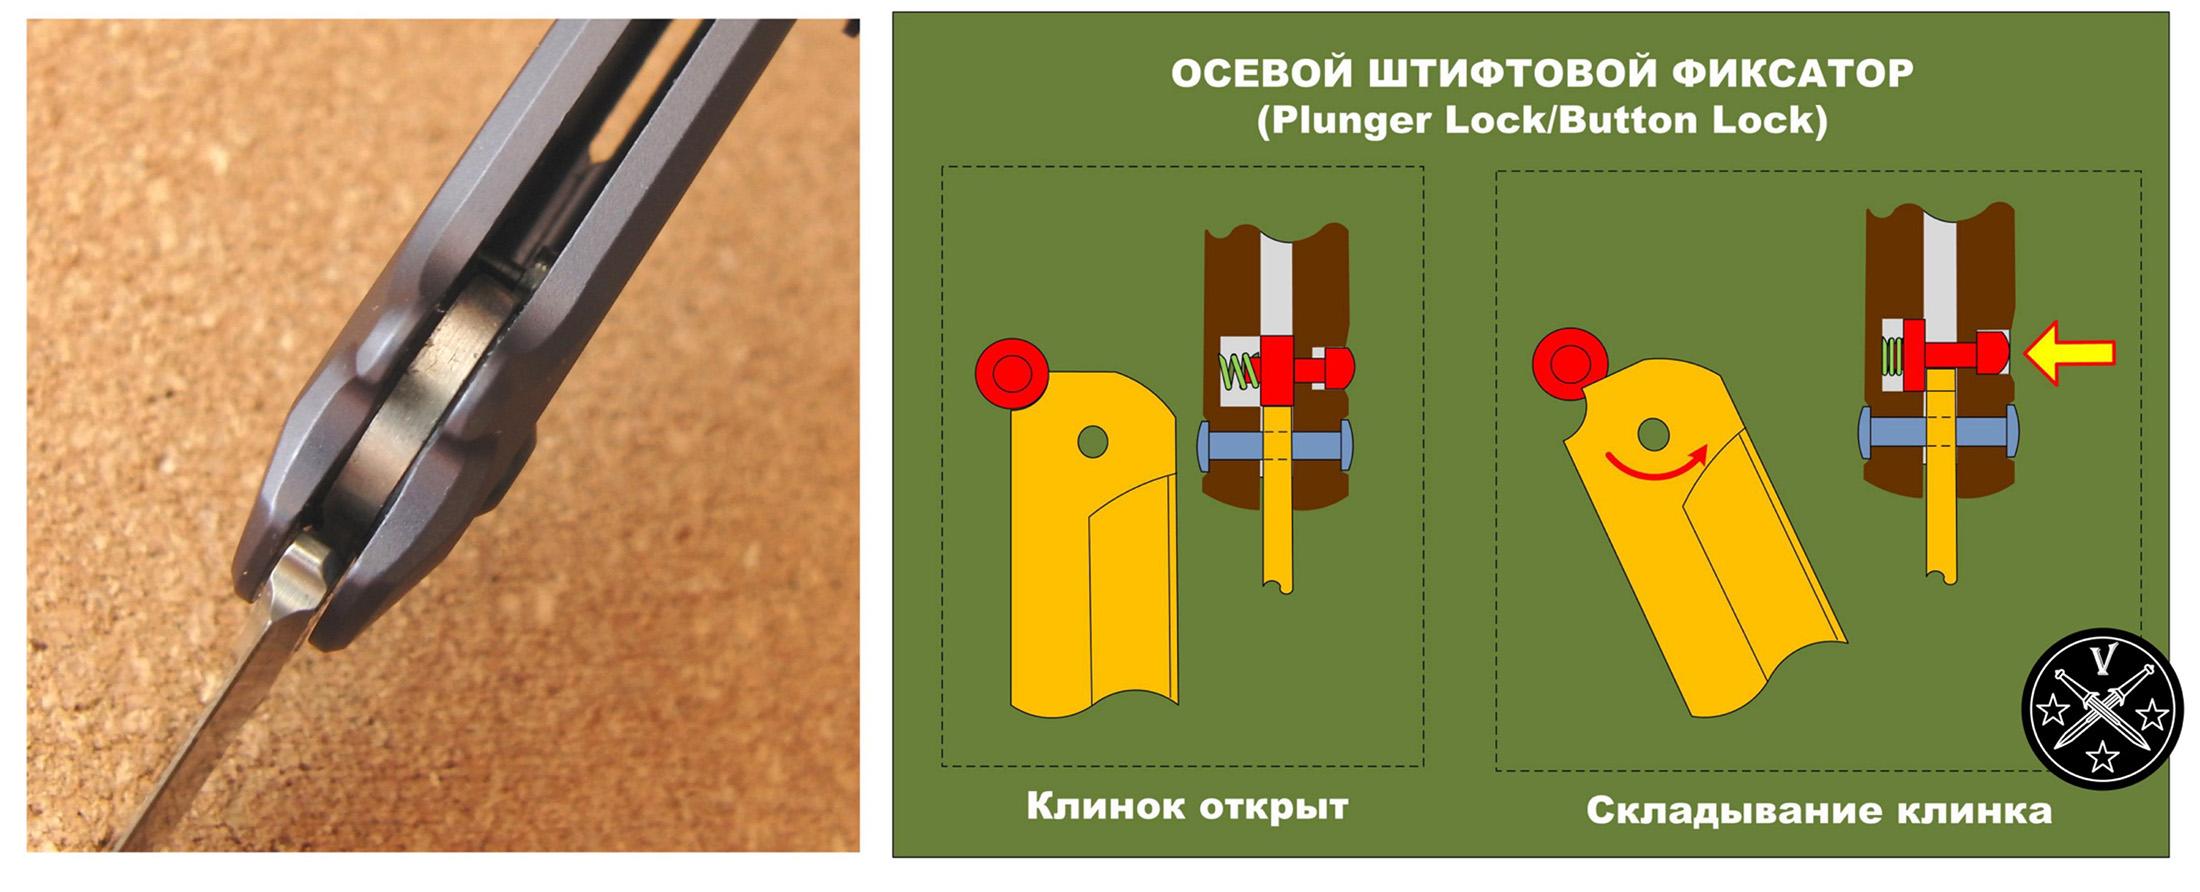 Схема замка Plunger-Lock (Button-Lock), применяемая в ноже